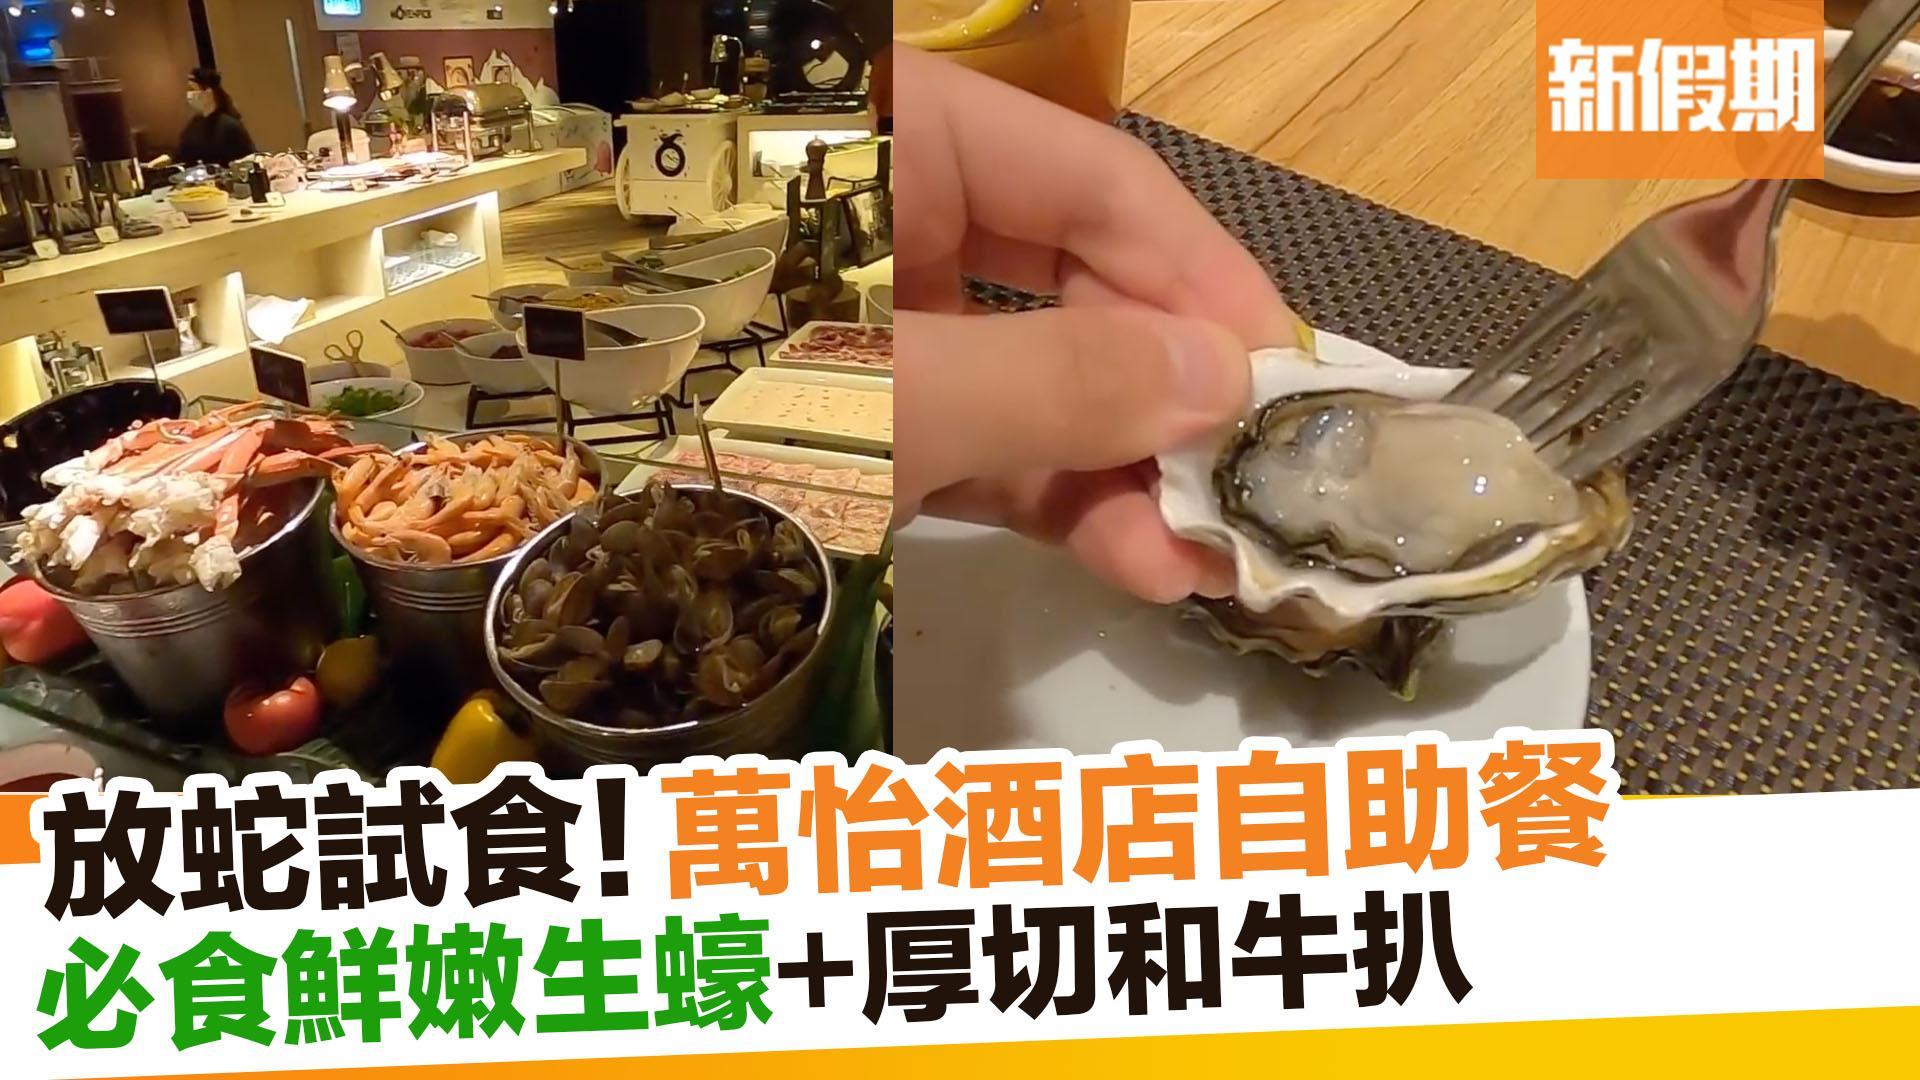 【自助餐放蛇】香港萬怡酒店MoMo Cafe自助餐 任食鮮嫩生蠔 新假期